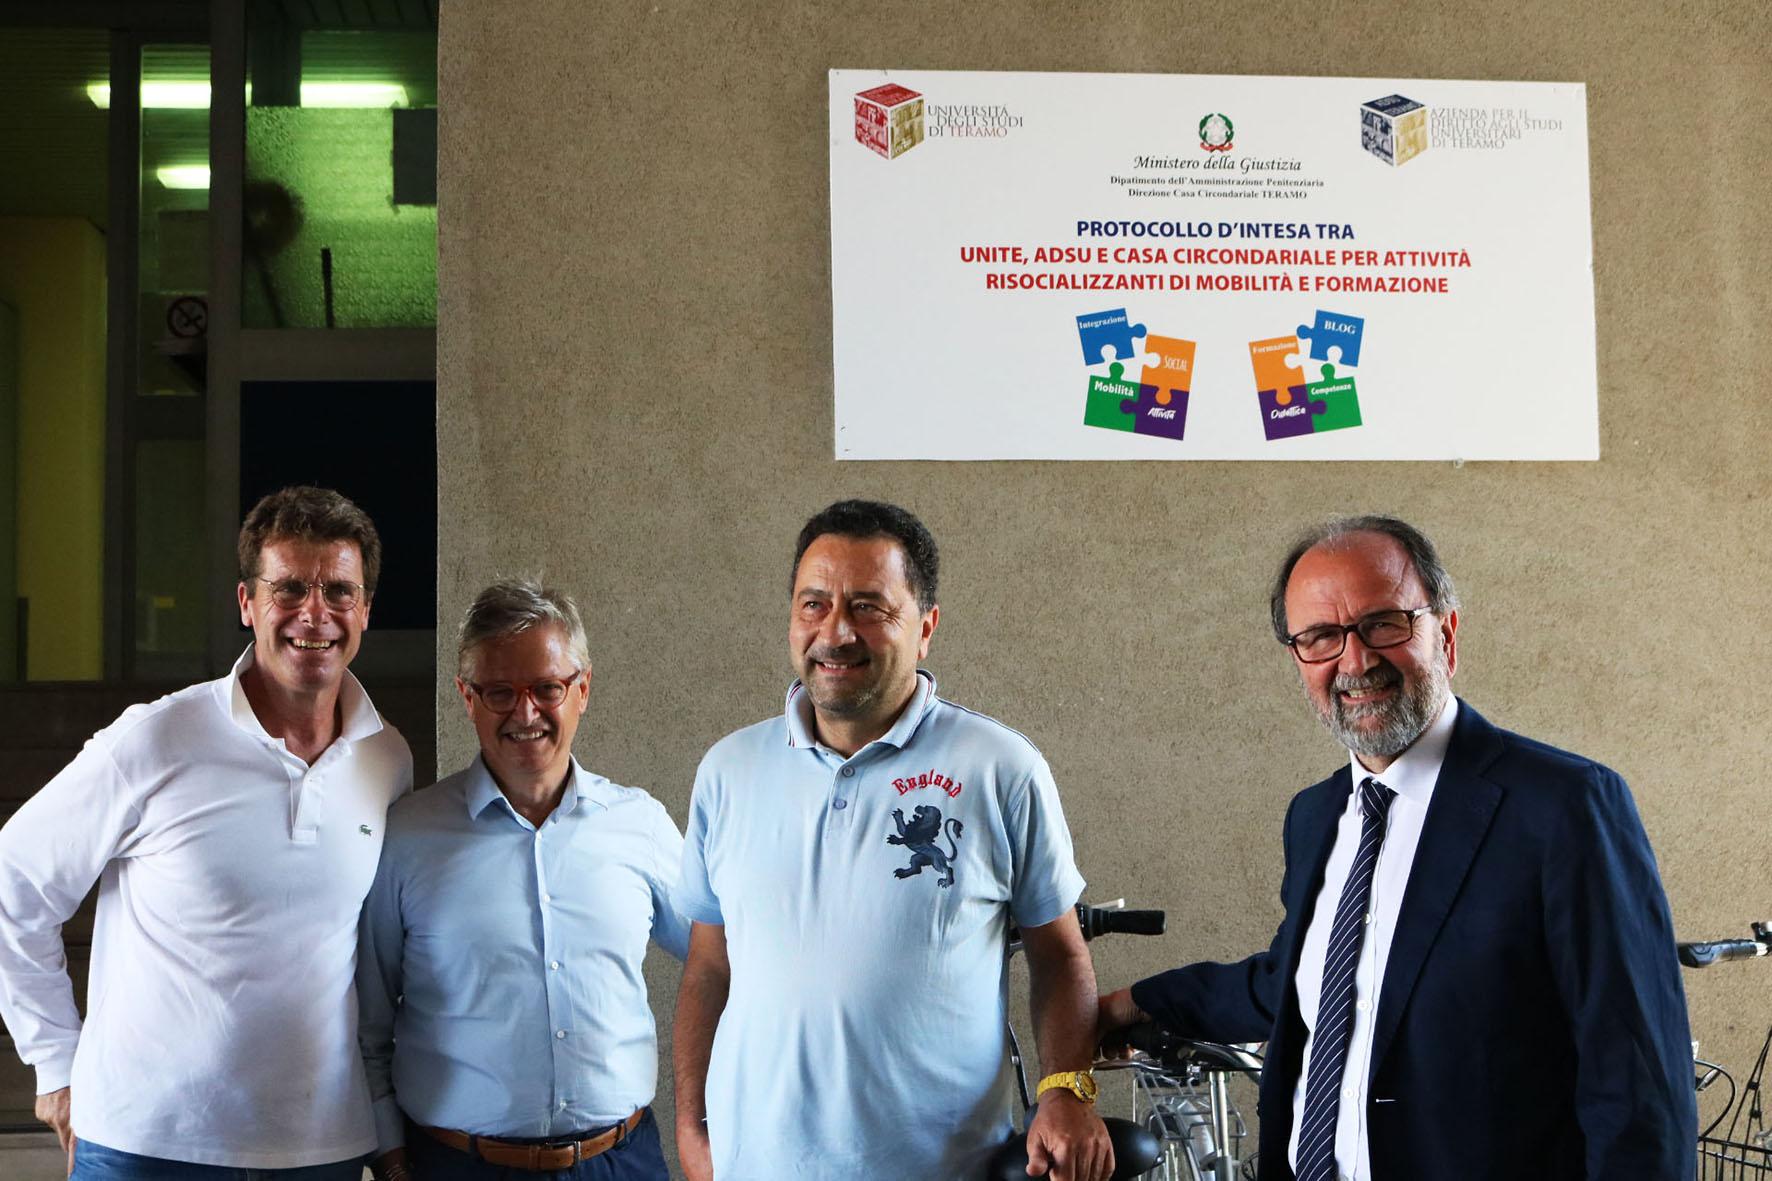 Nelle foto da sinistra: il presidente dell'Adsu Paolo Berardinelli, il direttore dell'Adsu Antonio Sorgi, il direttore della Casa circondariale di Castrogno Stefano Liberatore, il rettore dell'Università di Teramo Dino Mastrocola.